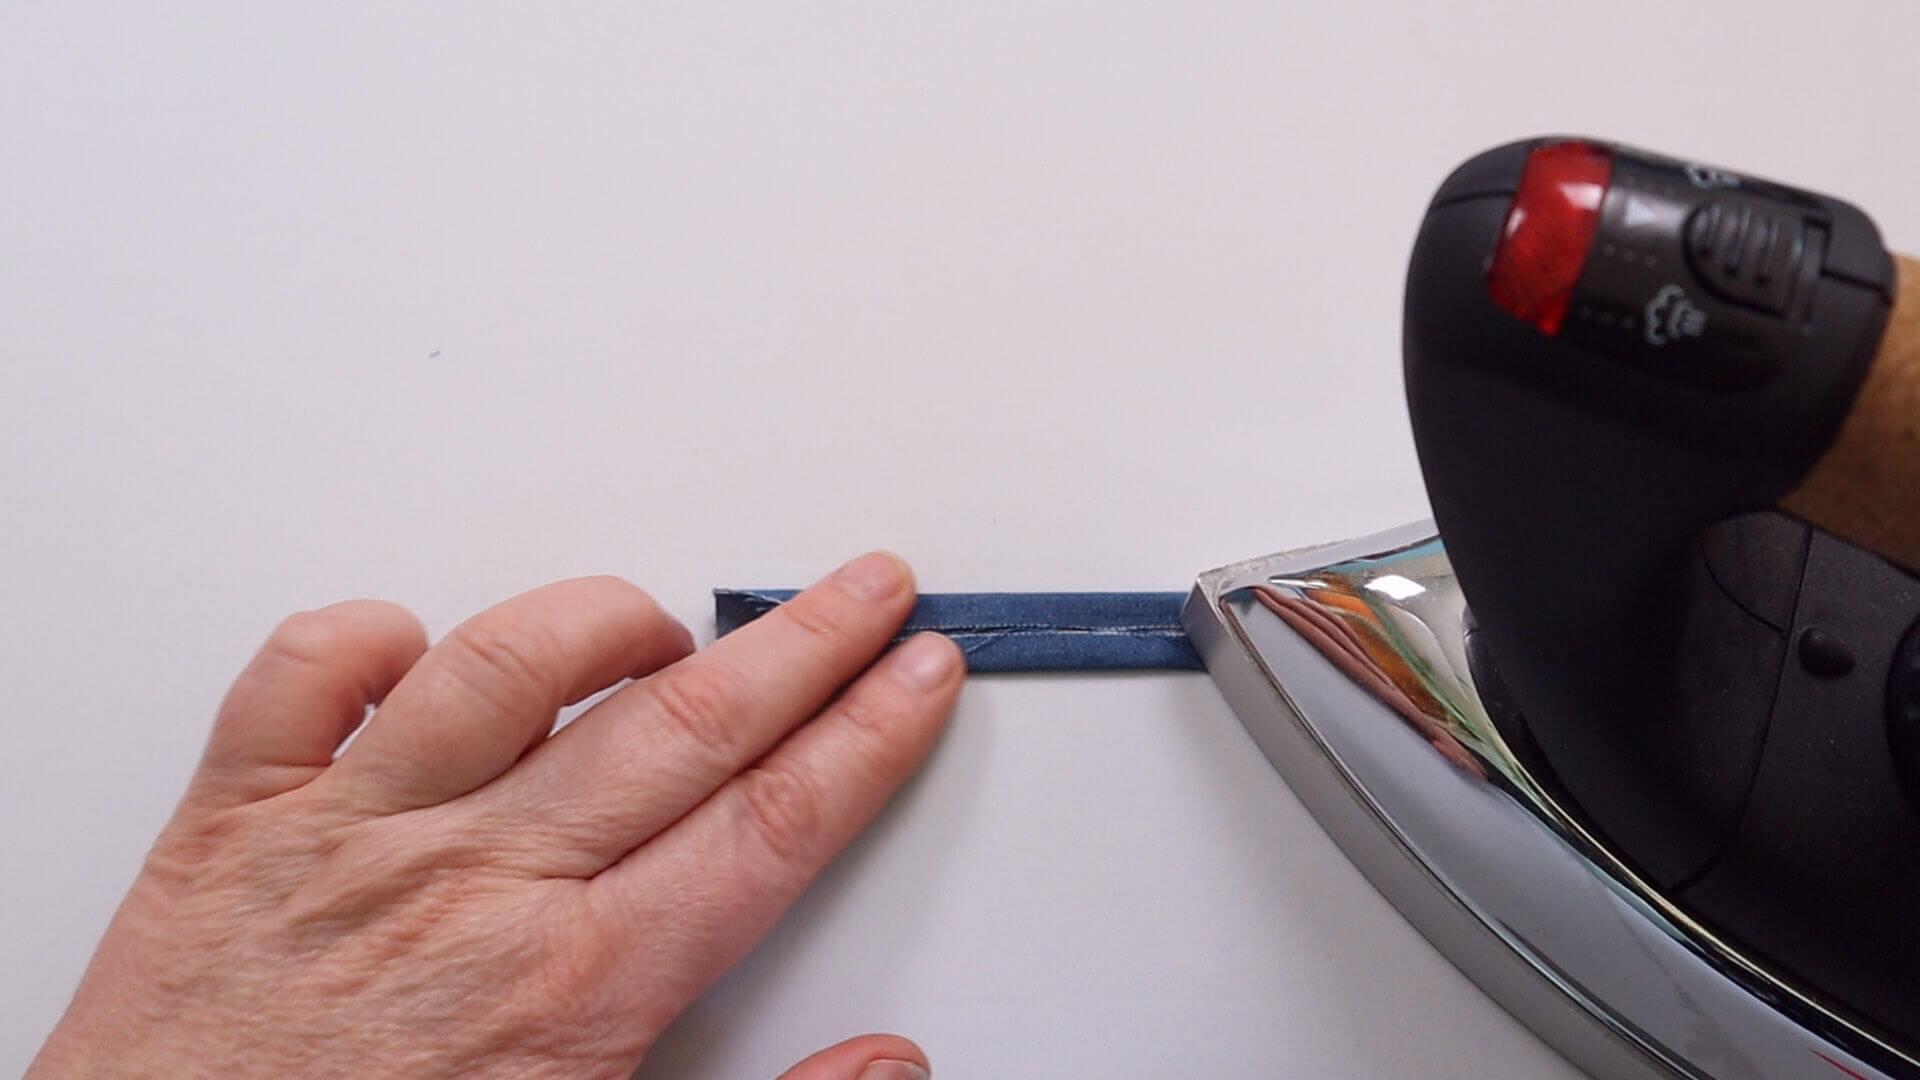 Nähanleitung Paspeltasche- Arbeitsschritt-Knopfschlaufe vorbereiten